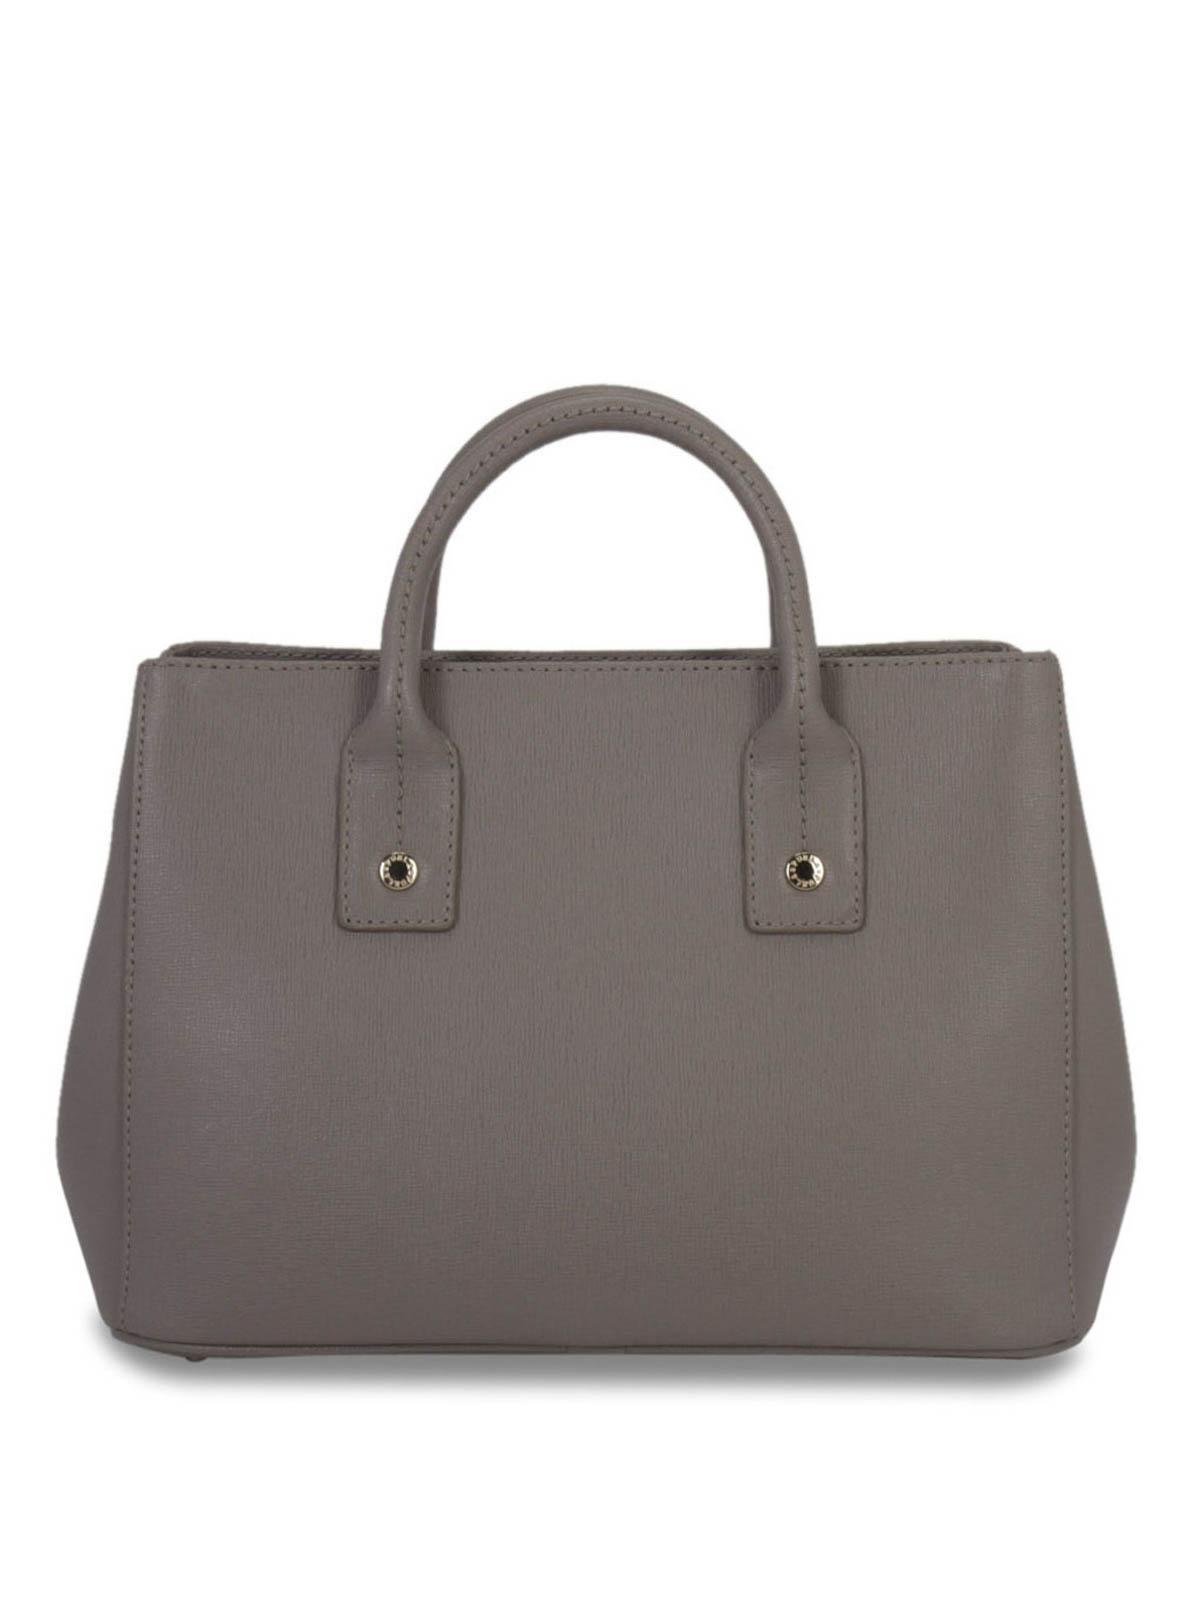 saffiano leather mini bag by furla totes bags ikrix